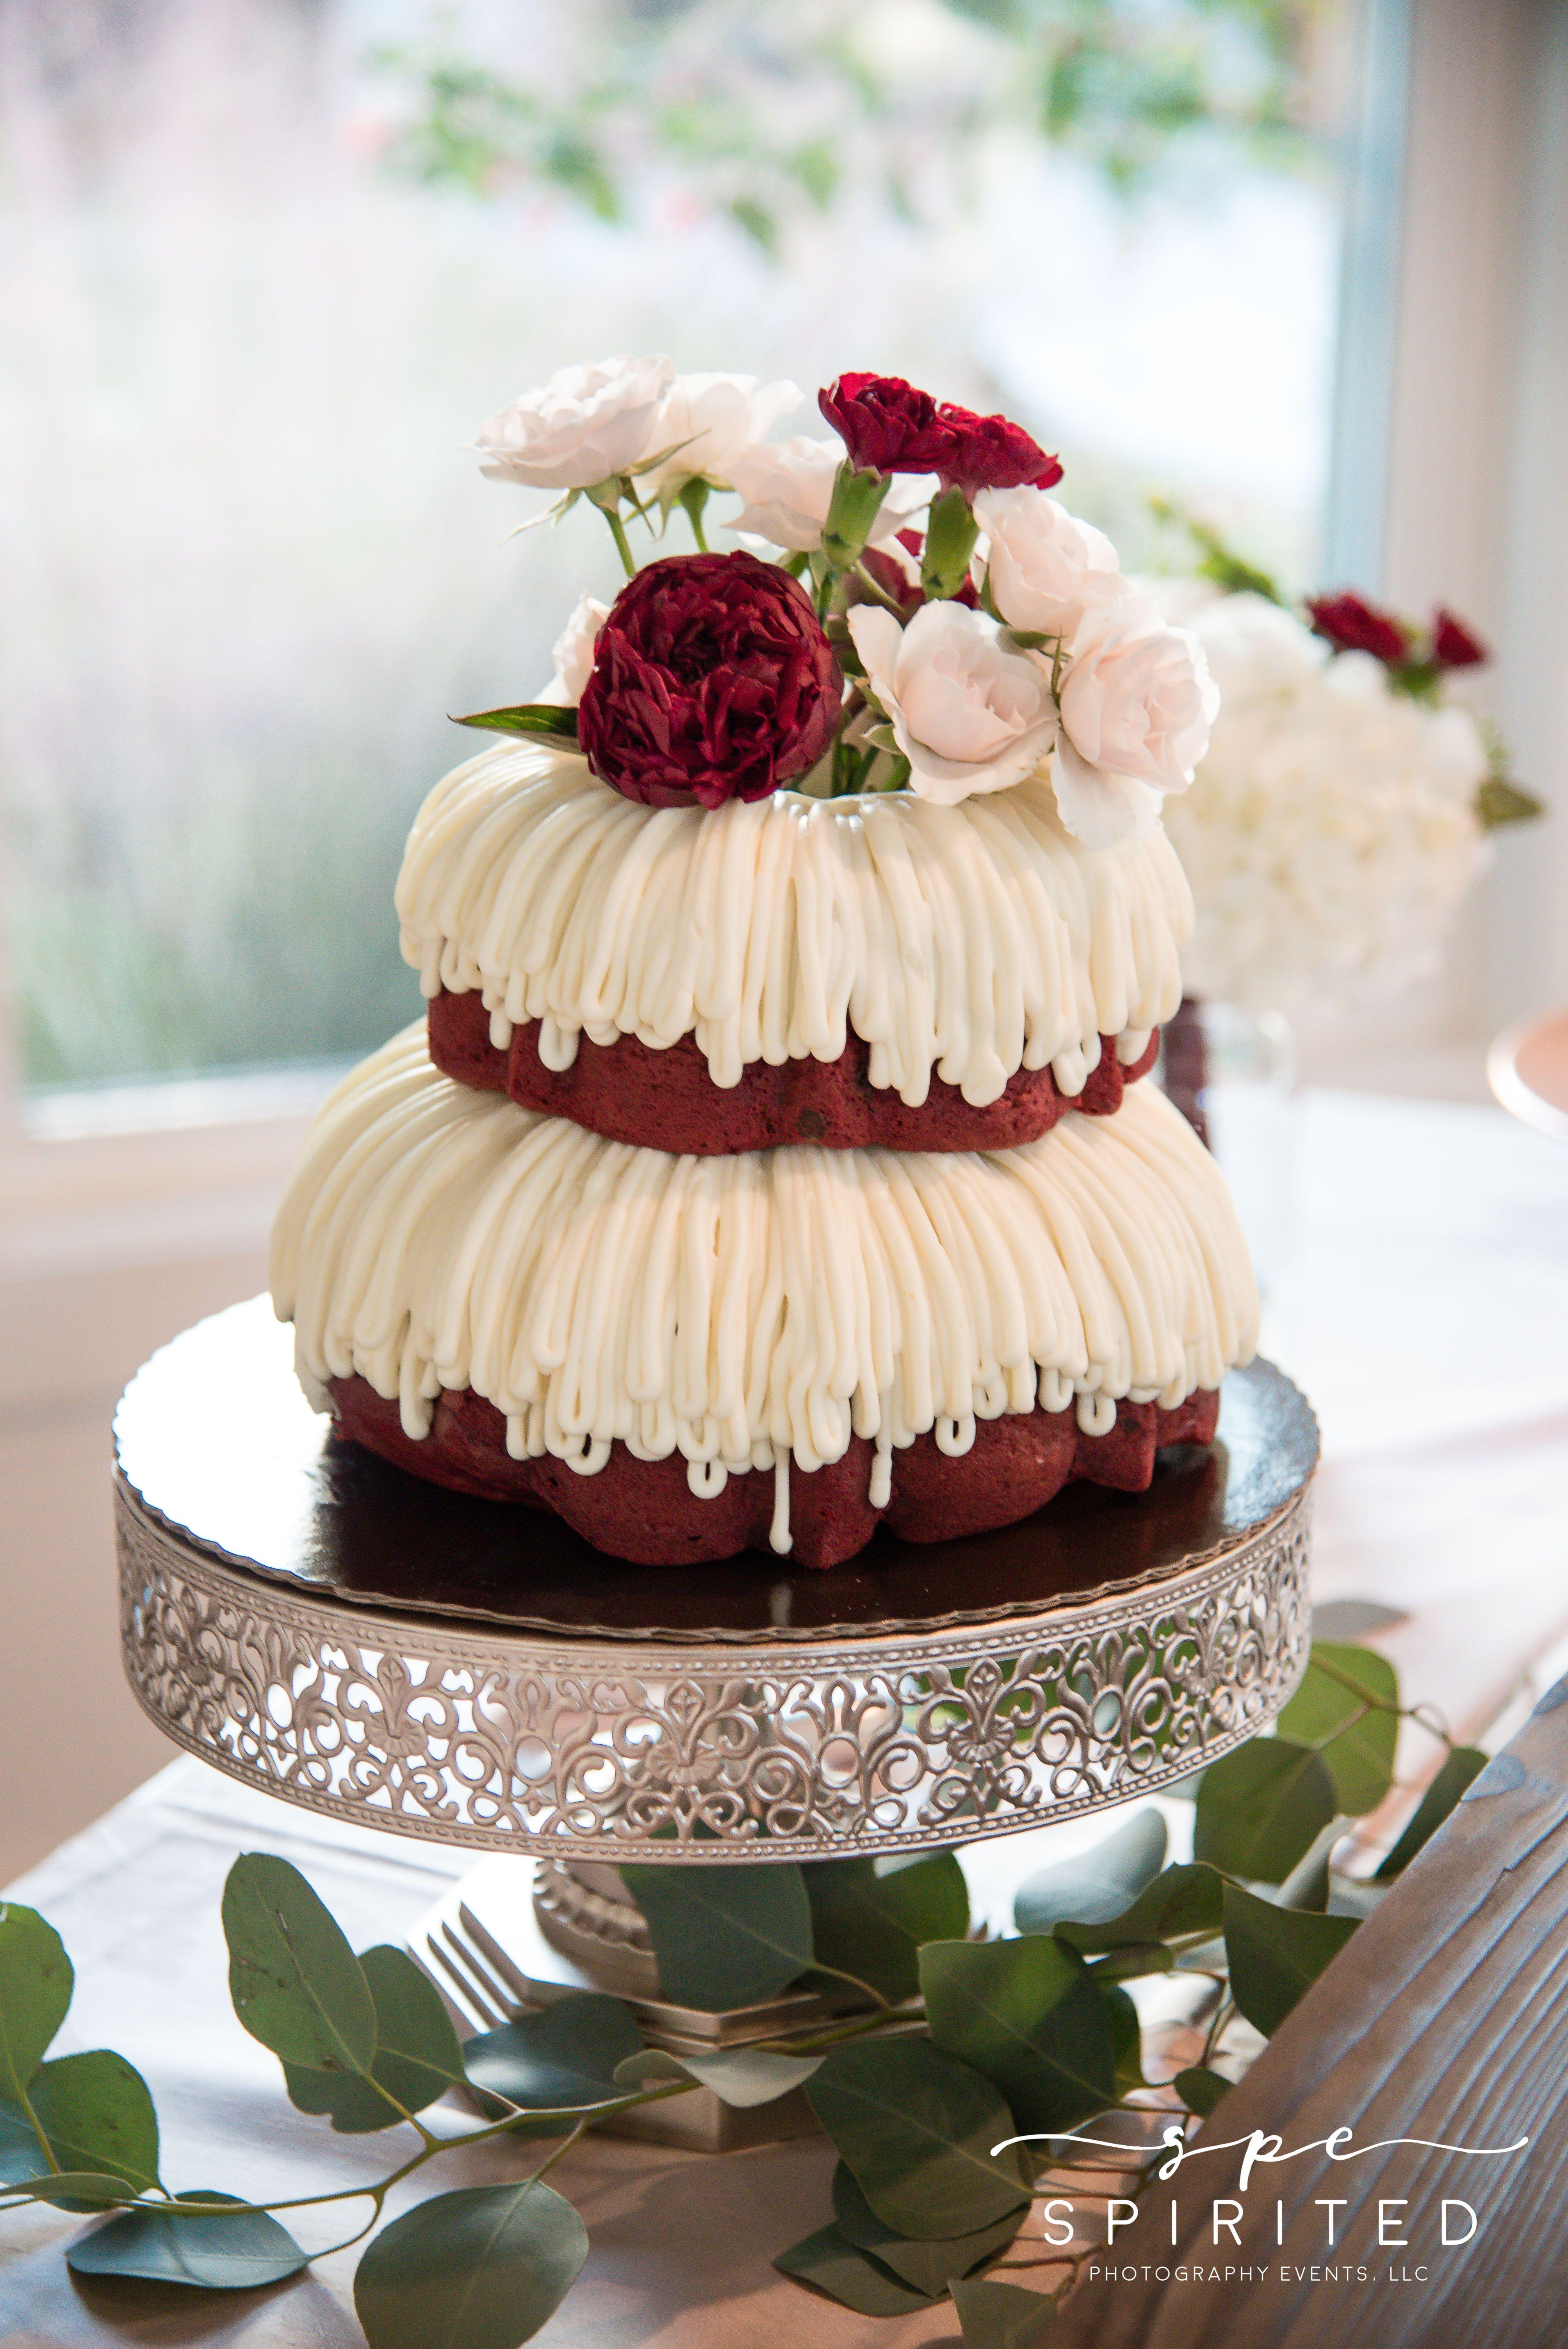 Nothing bundt cakes wedding cake traditional wedding